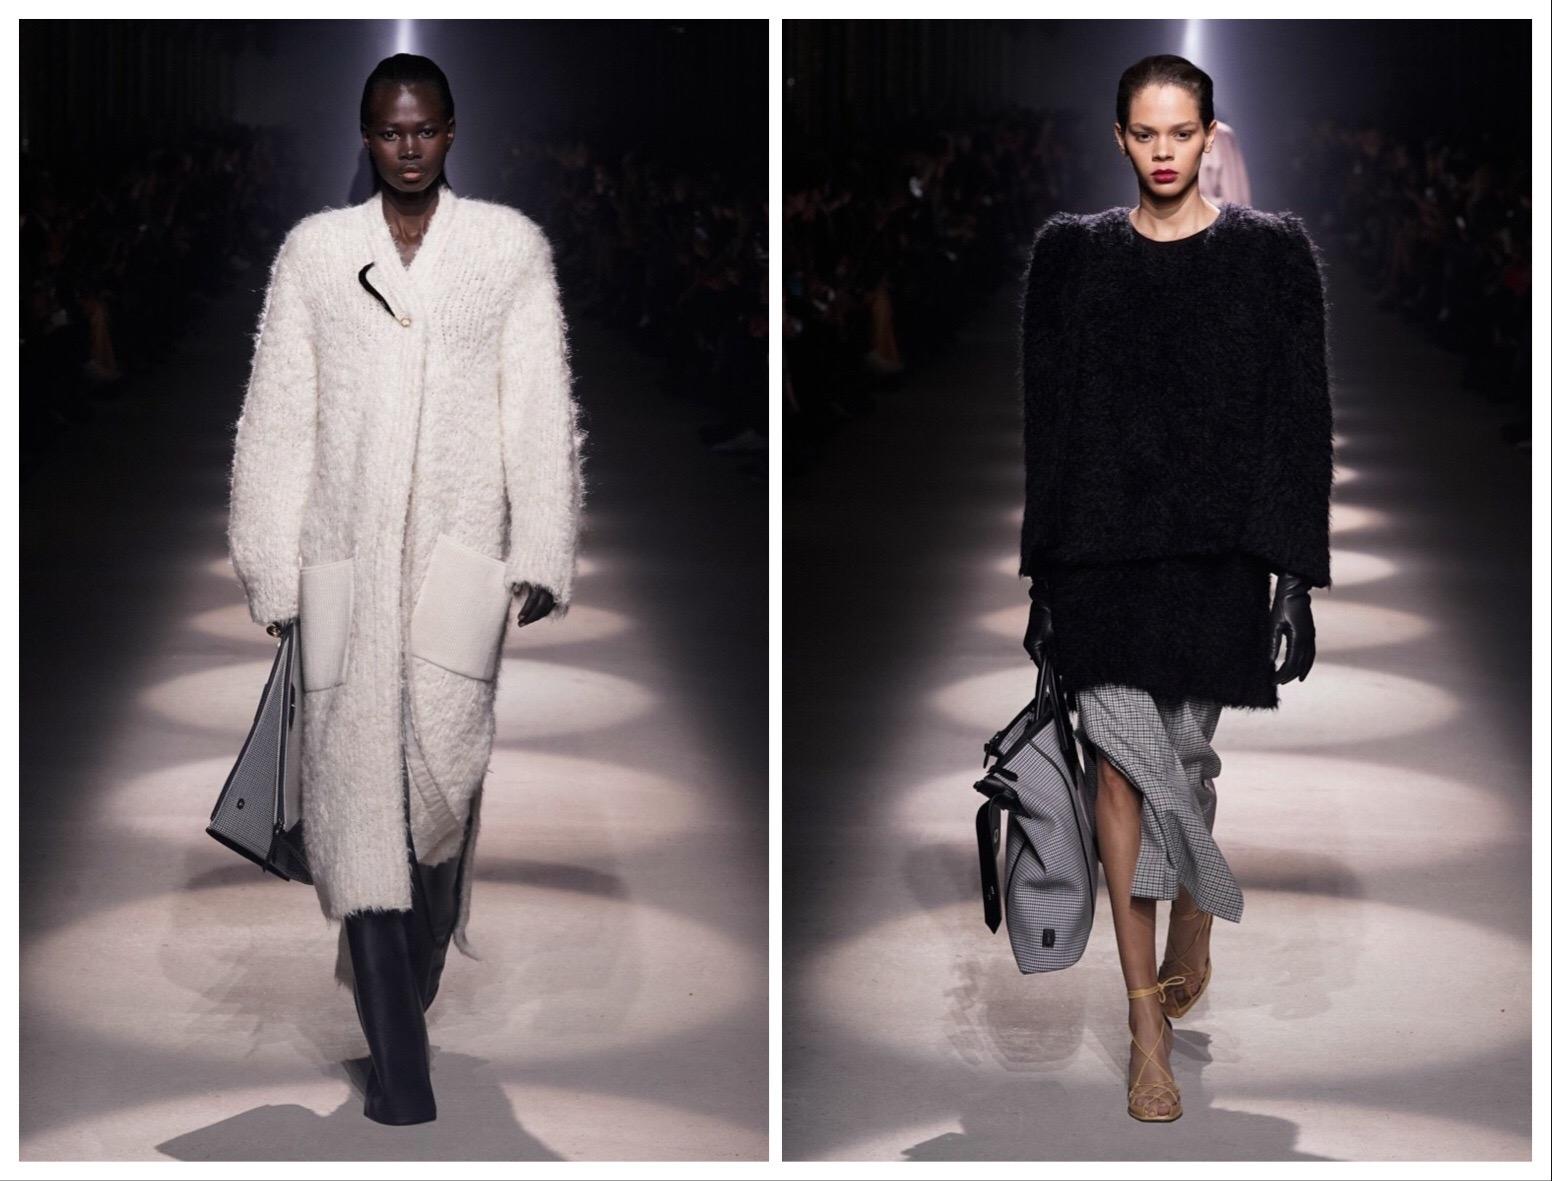 Глубина и сила женщины в новой коллекции Givenchy (ФОТО) - фото №2